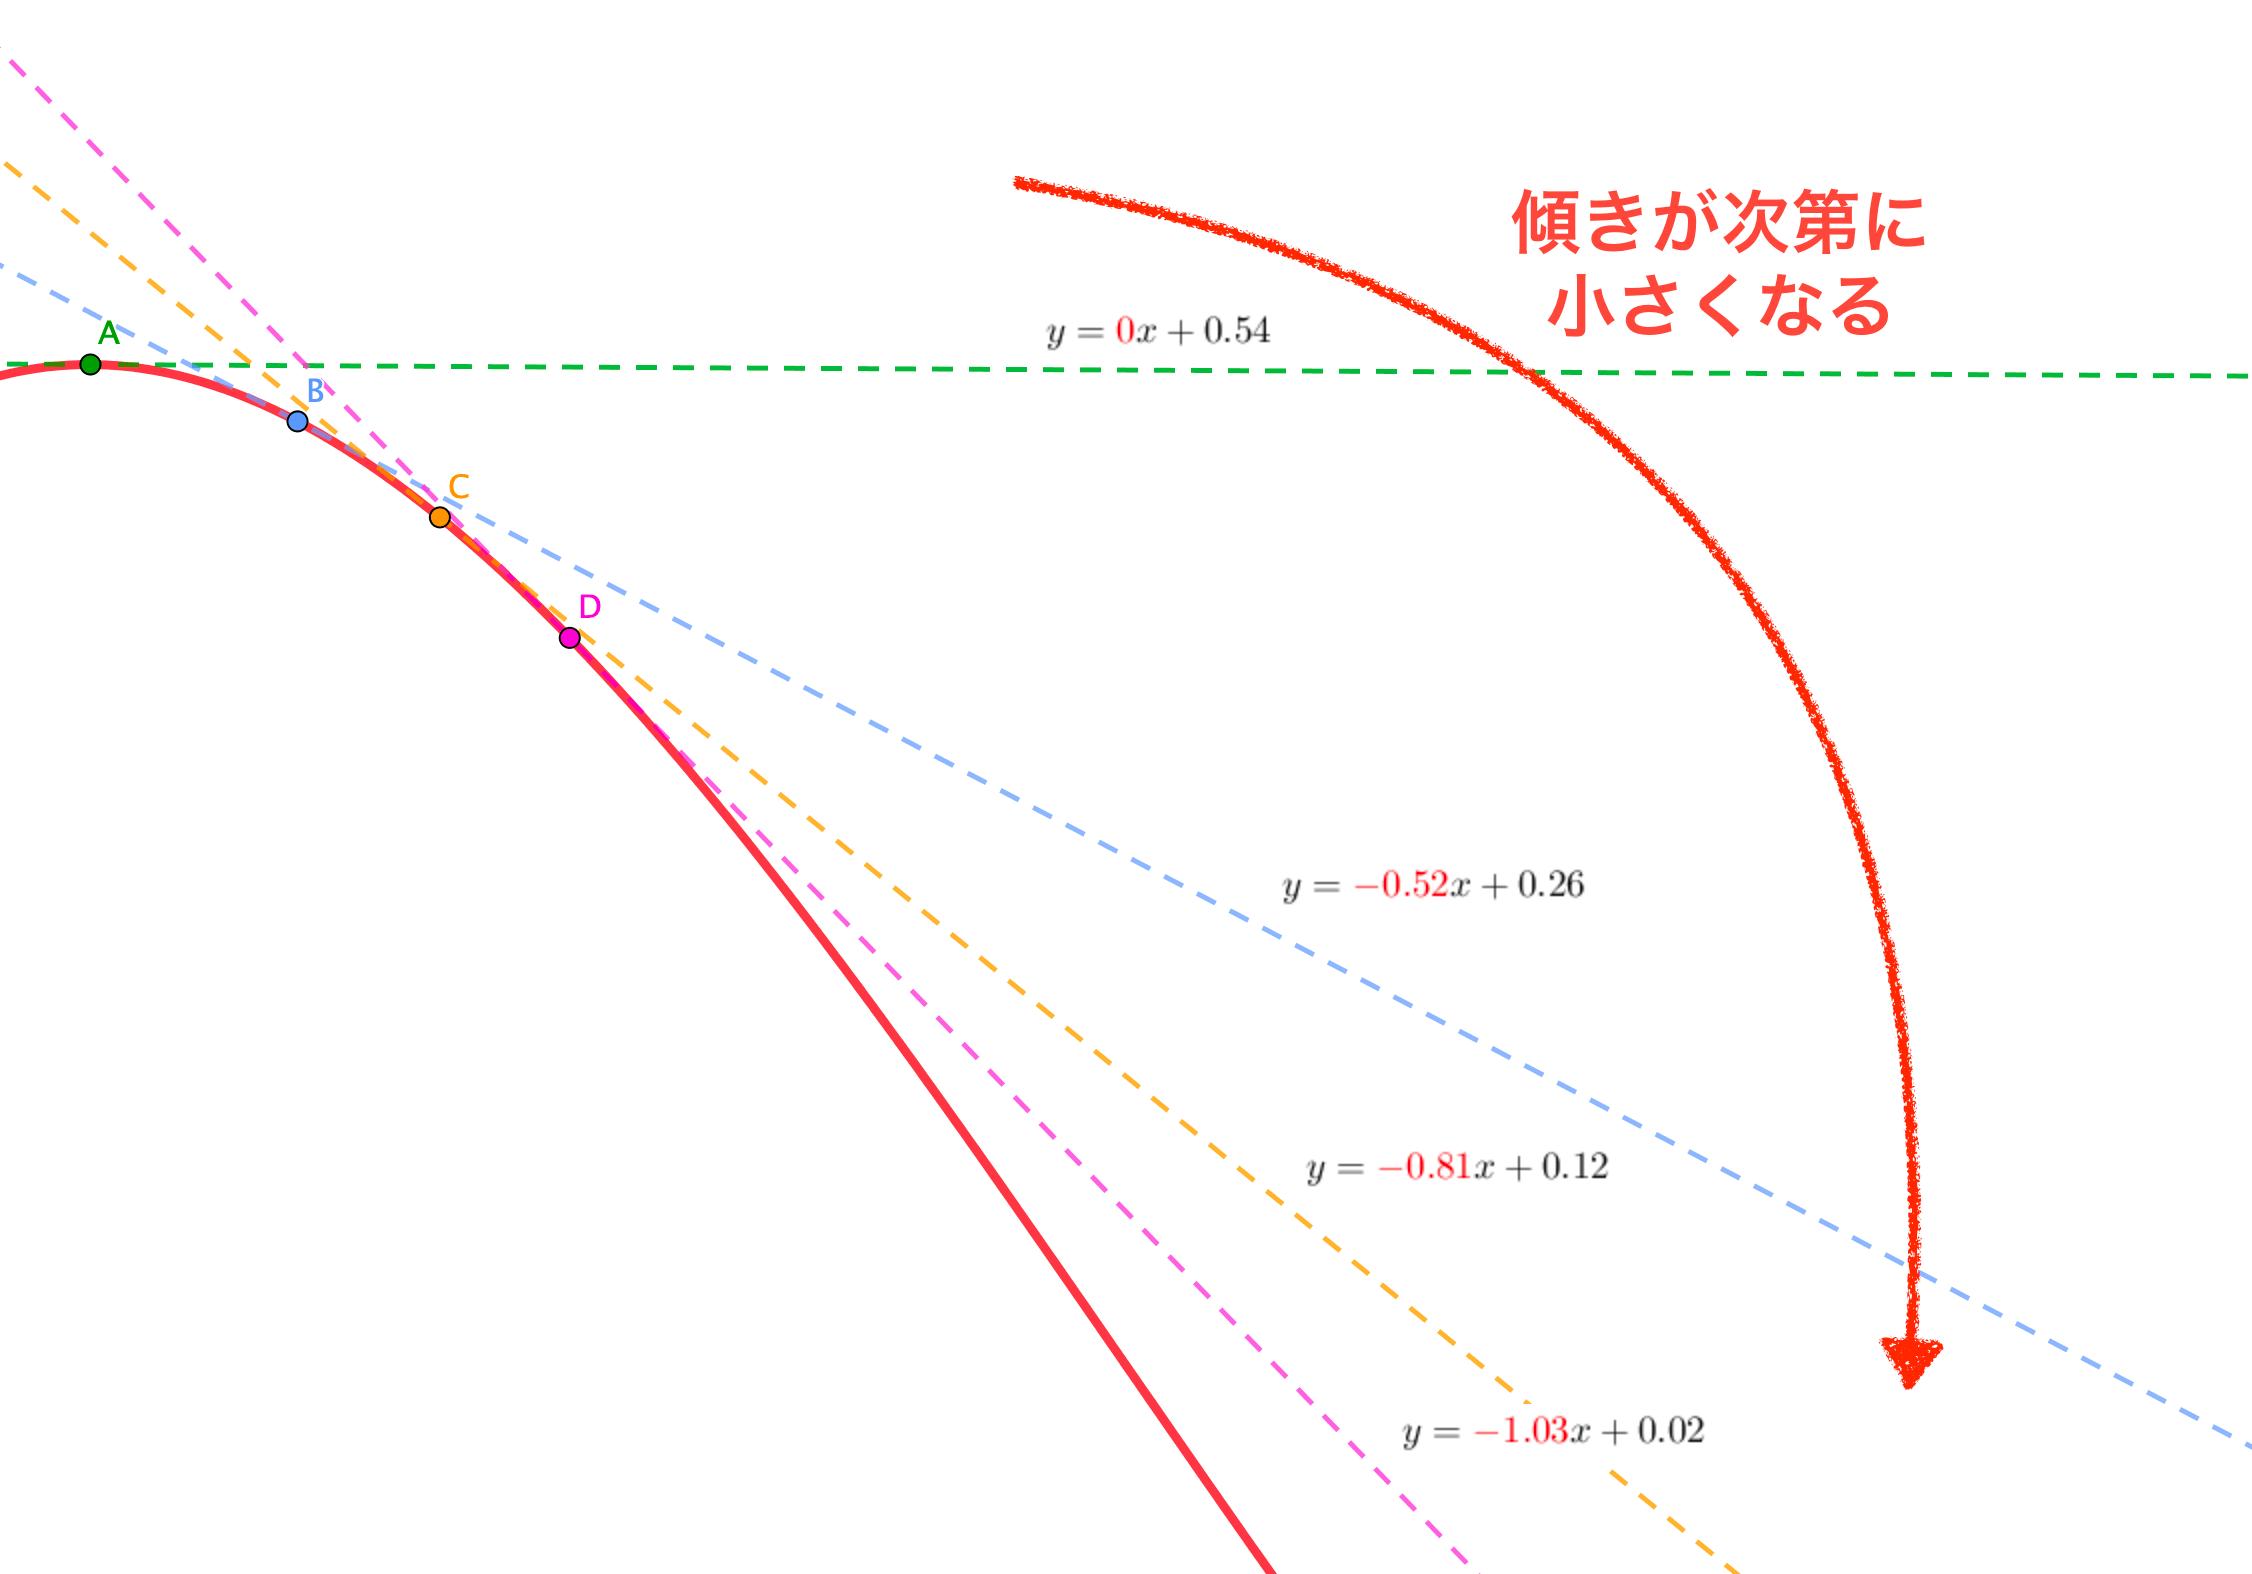 単調減少しているグラフの特徴